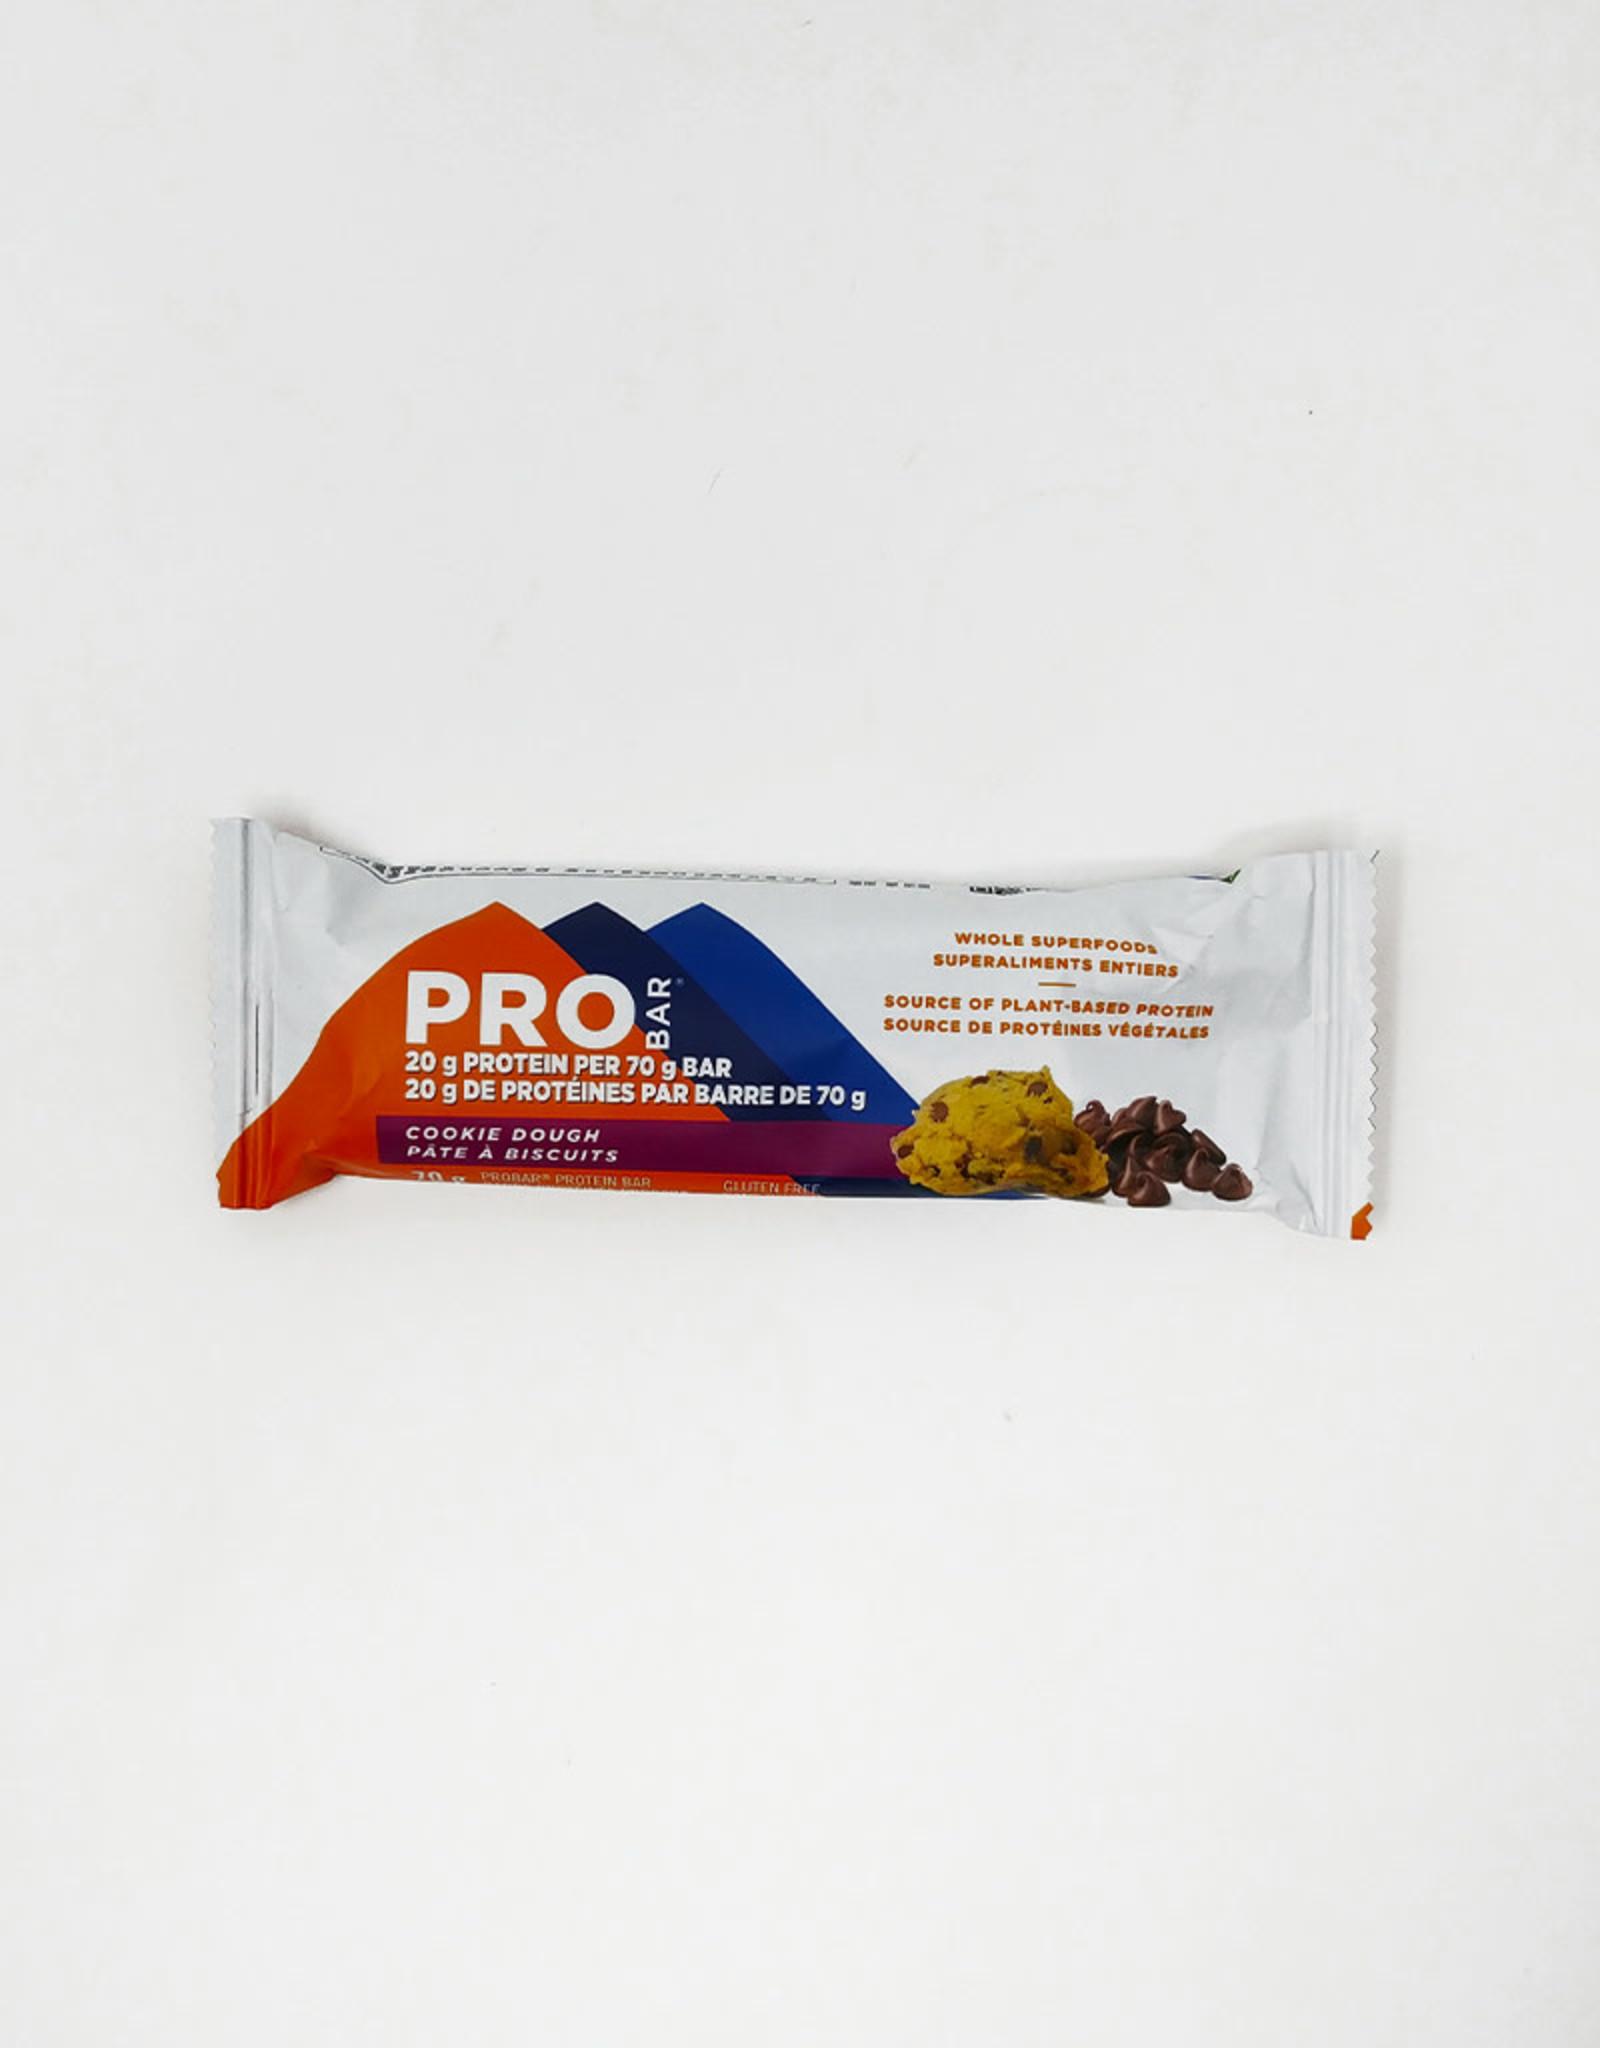 PROBAR PROBAR - Cookie Dough